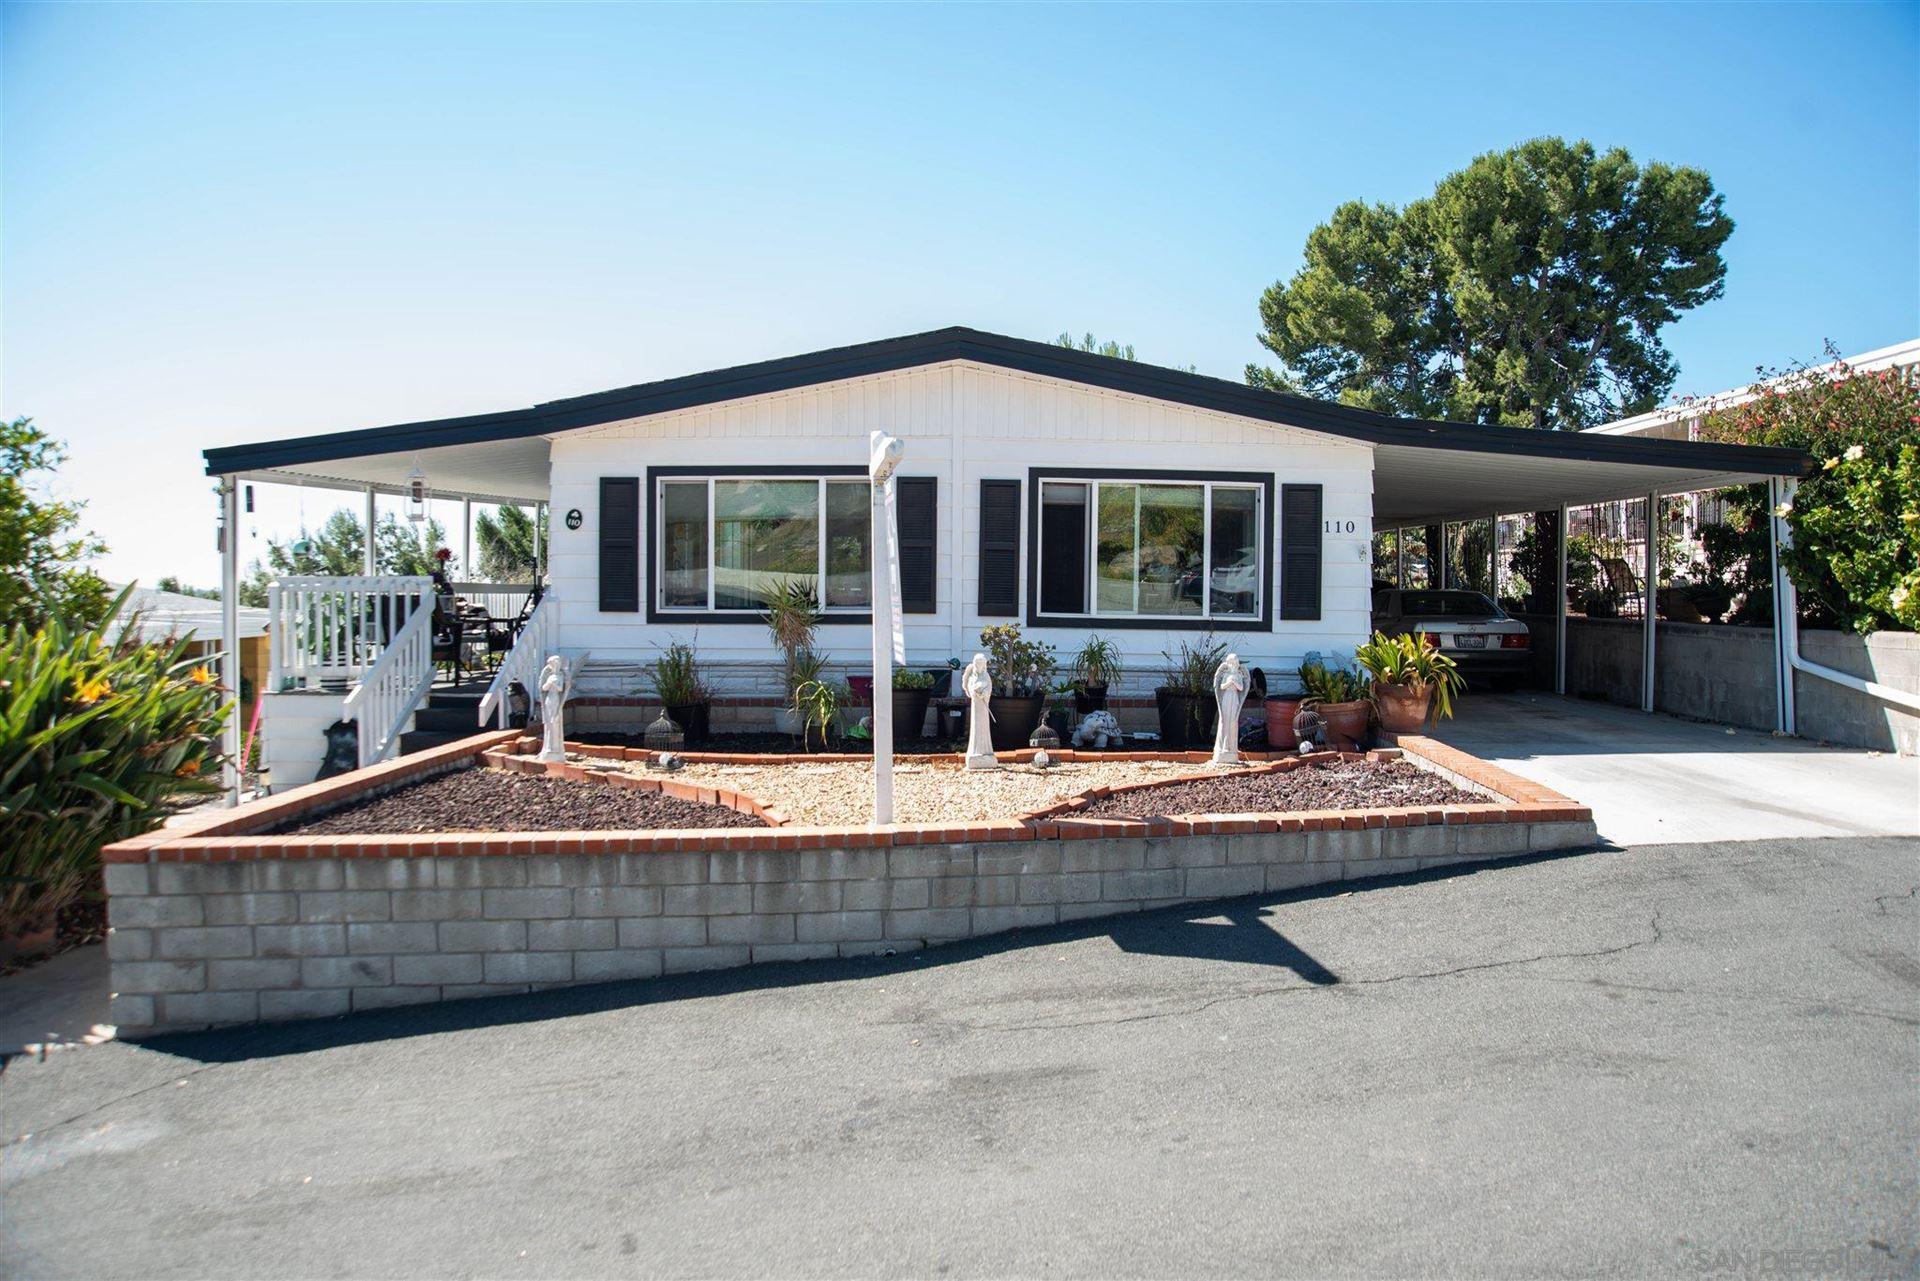 275 S Worthington Ave. SPC #110, Spring Valley, CA 91977 - #: 210002717